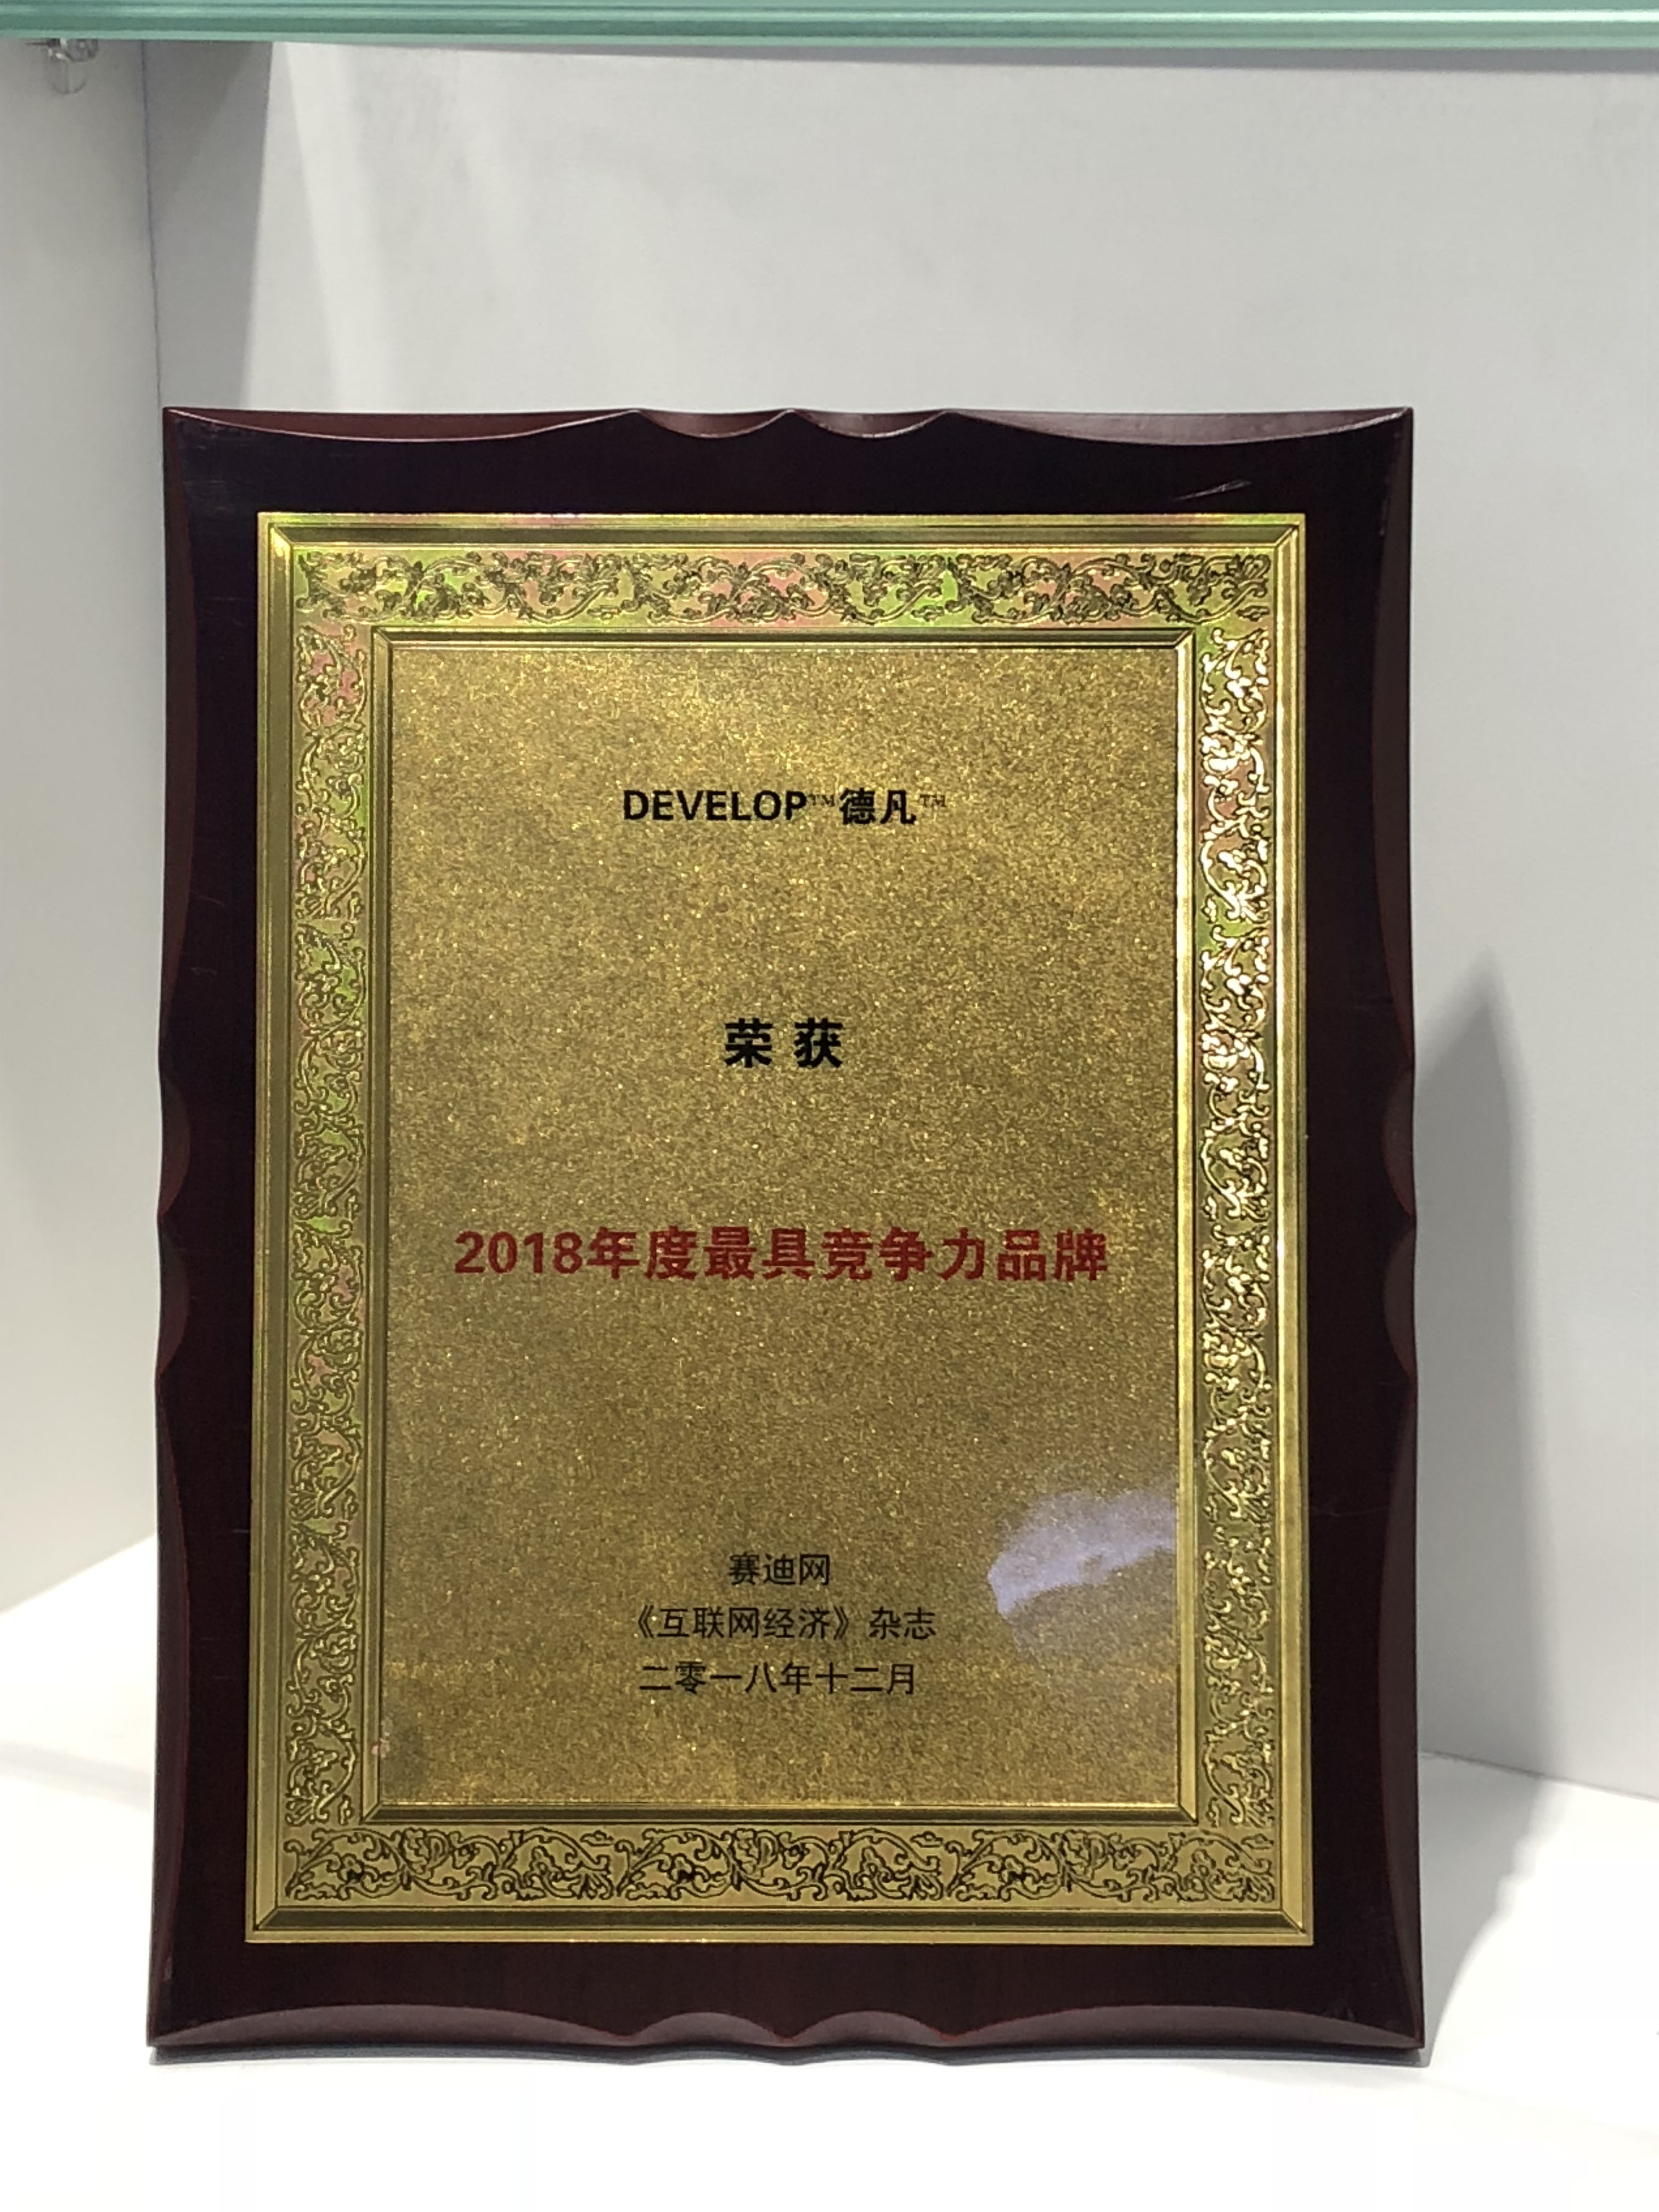 10-【赛迪网】年度最具影响力品牌-lowerres.jpg